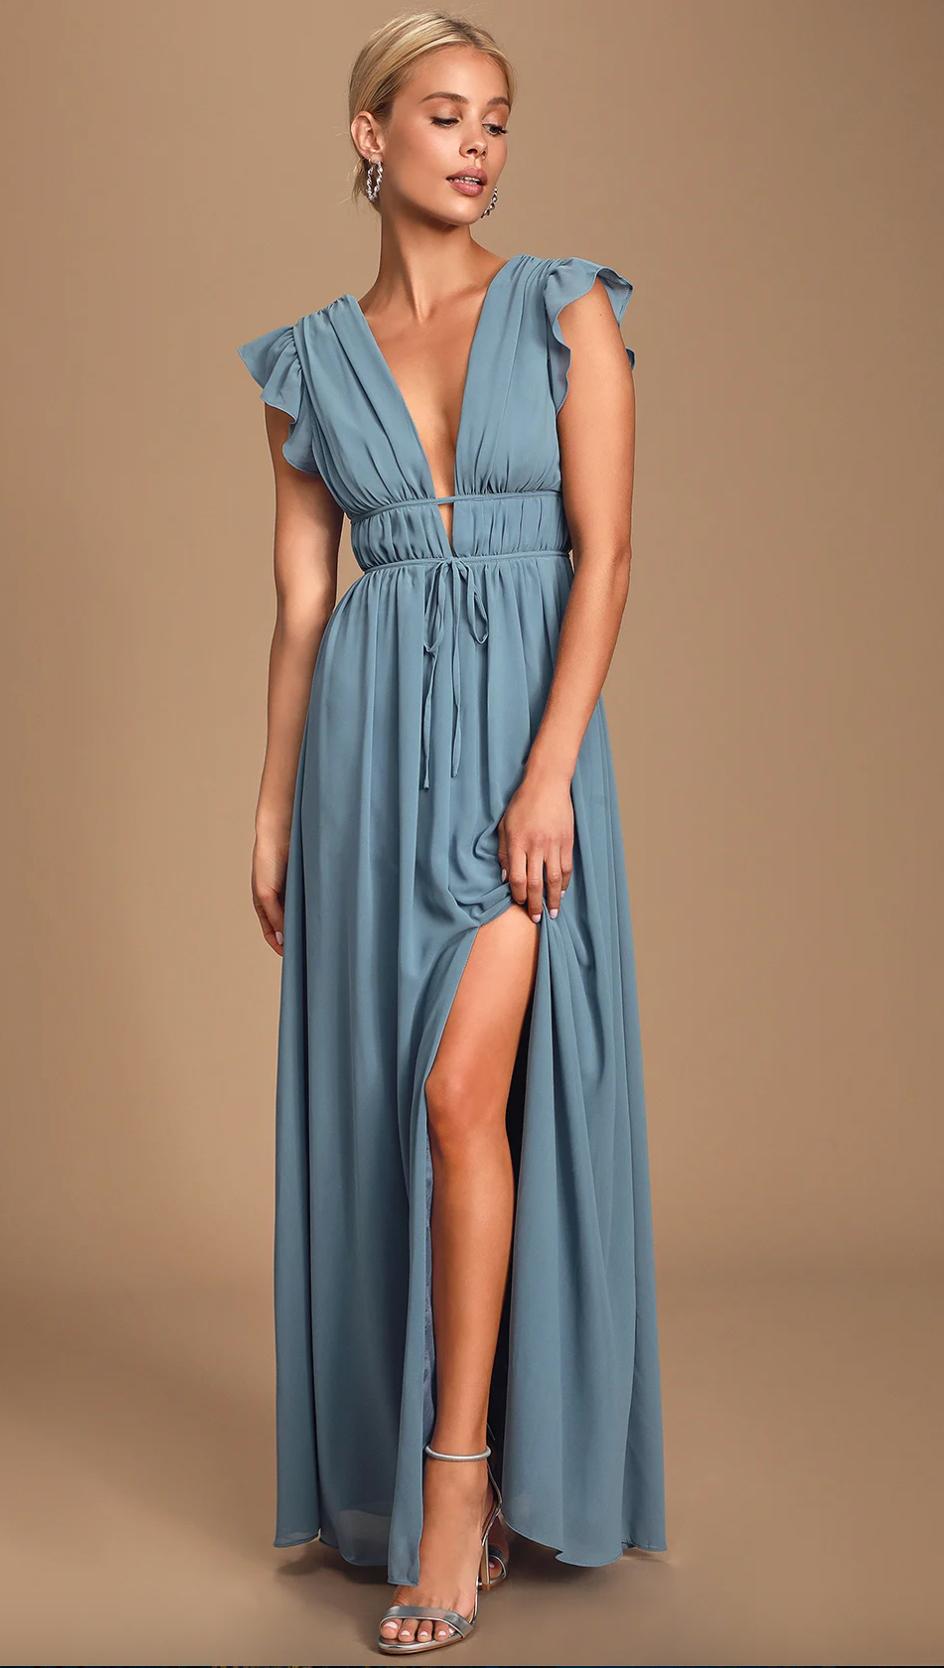 Boho slate blue maxi dress from Lulu's